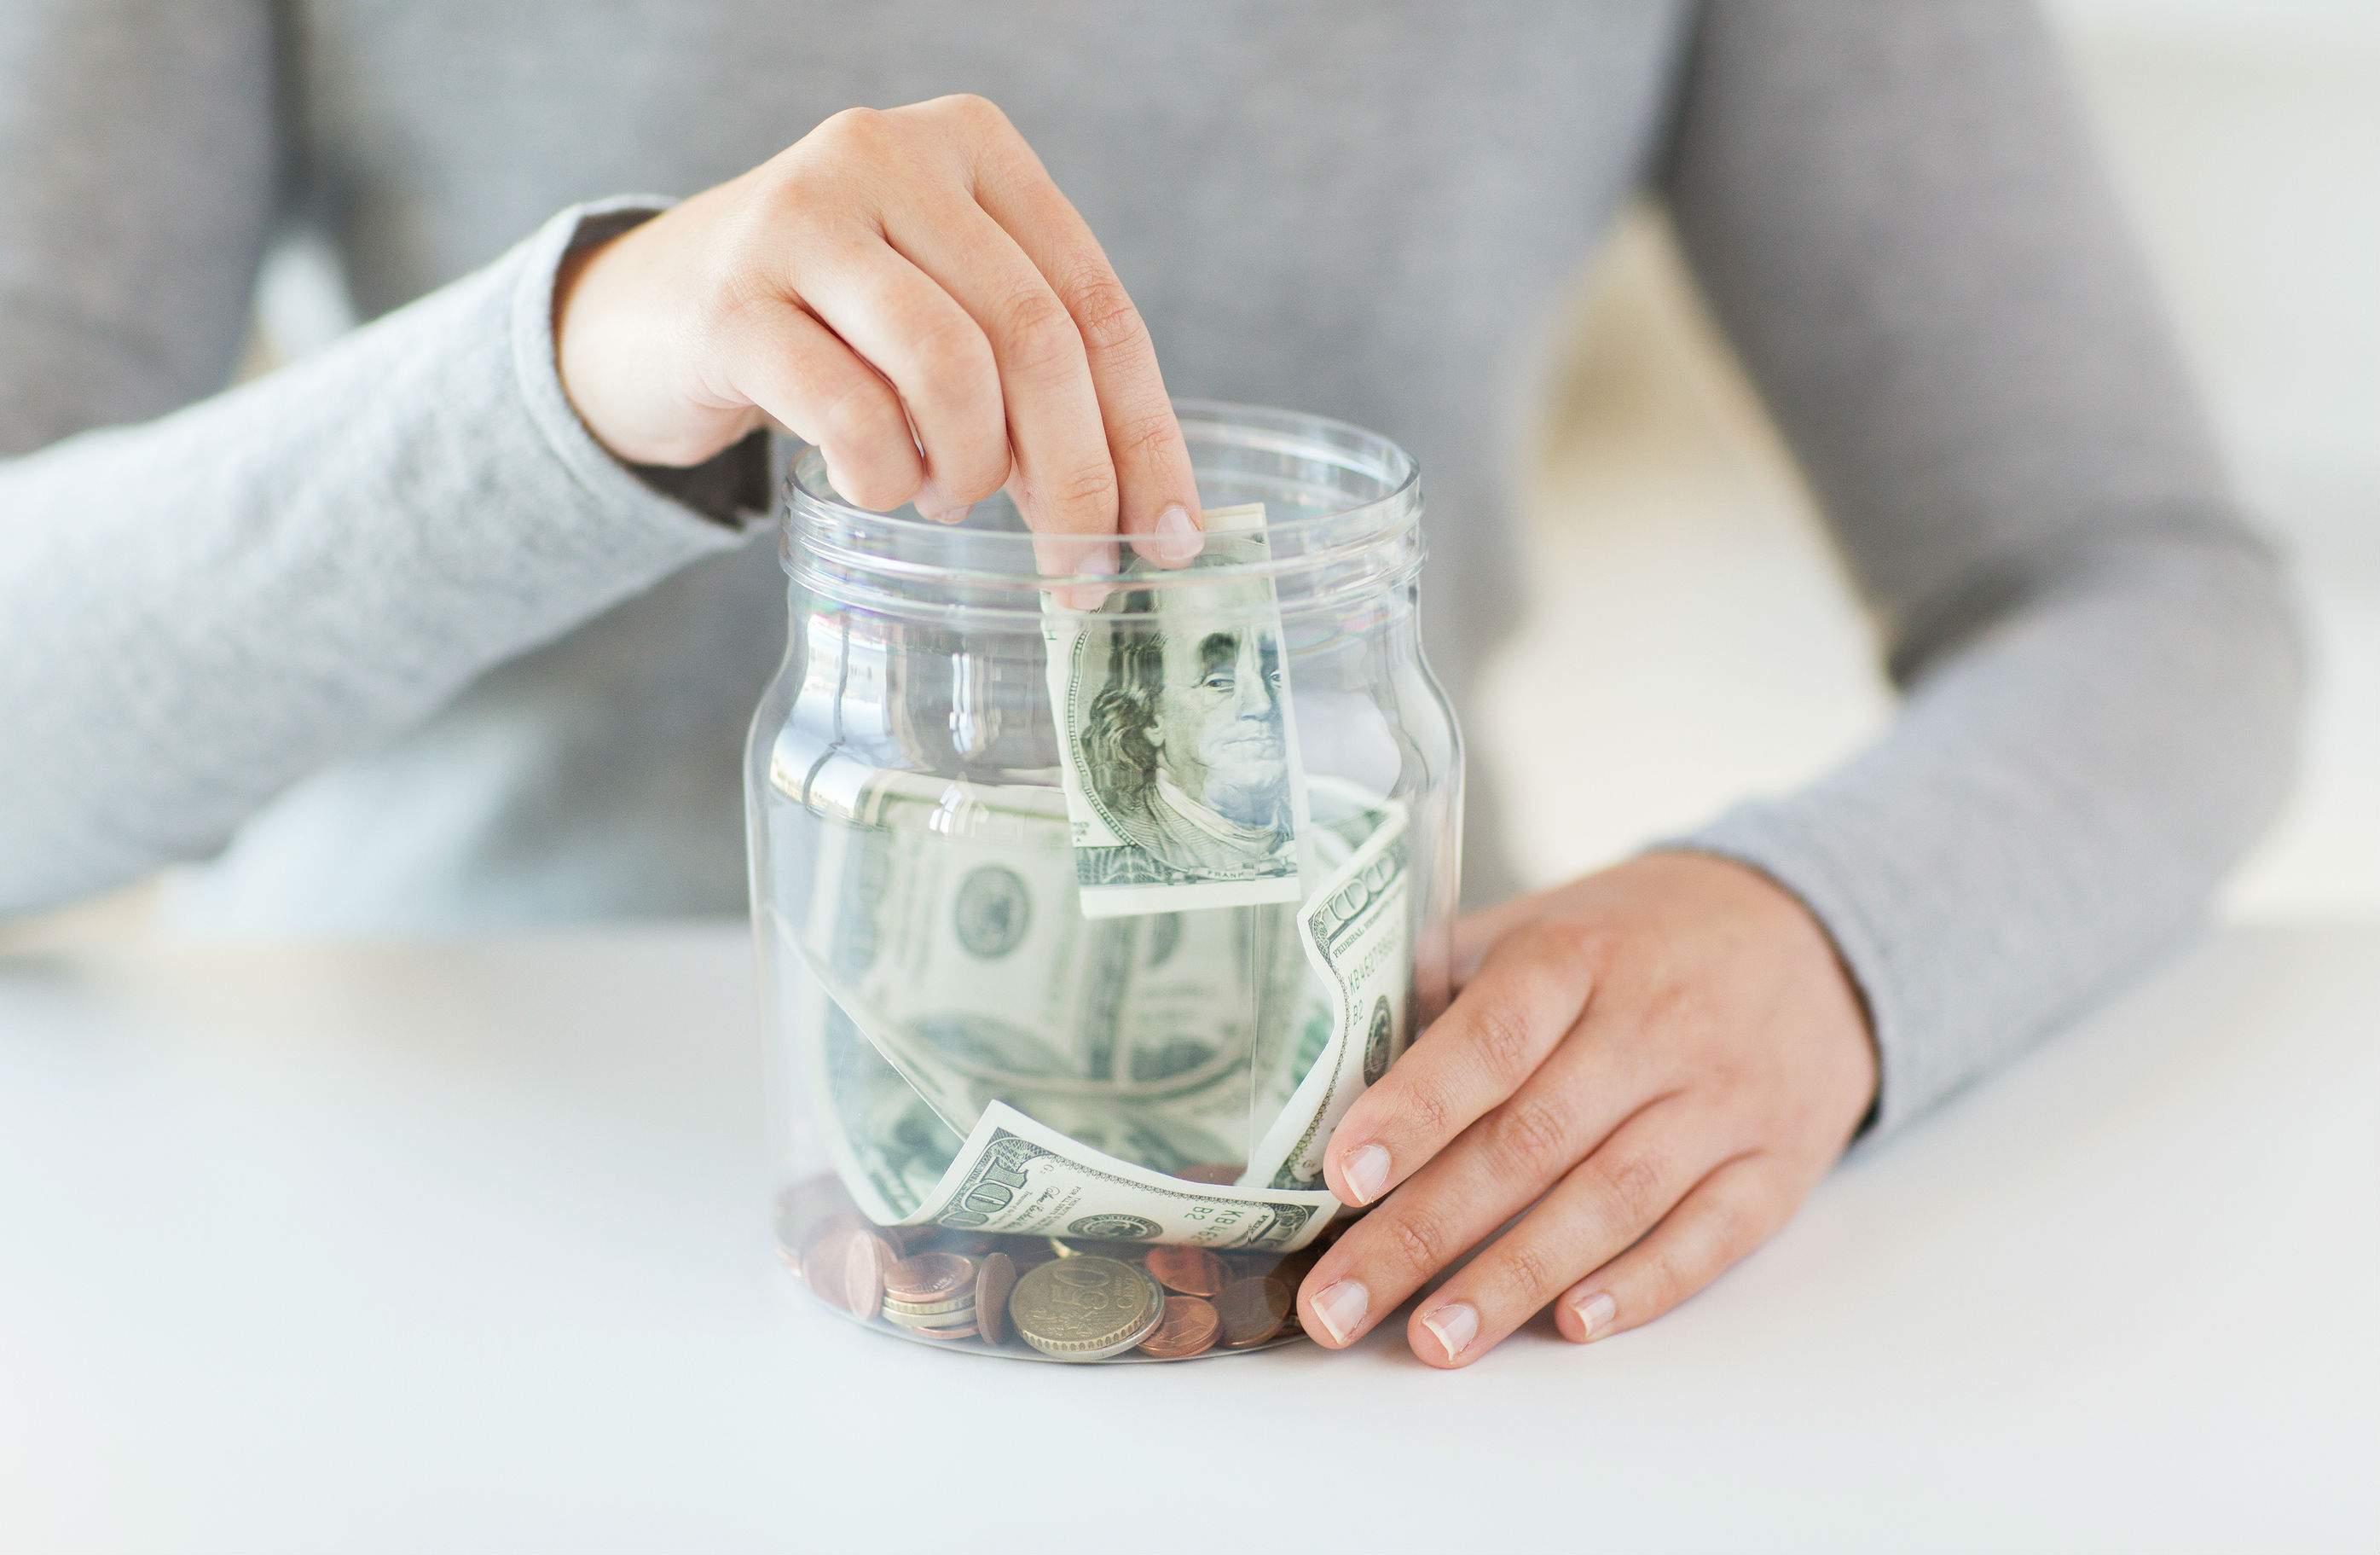 gửi sổ tiết kiệm lãi suất bao nhiêu